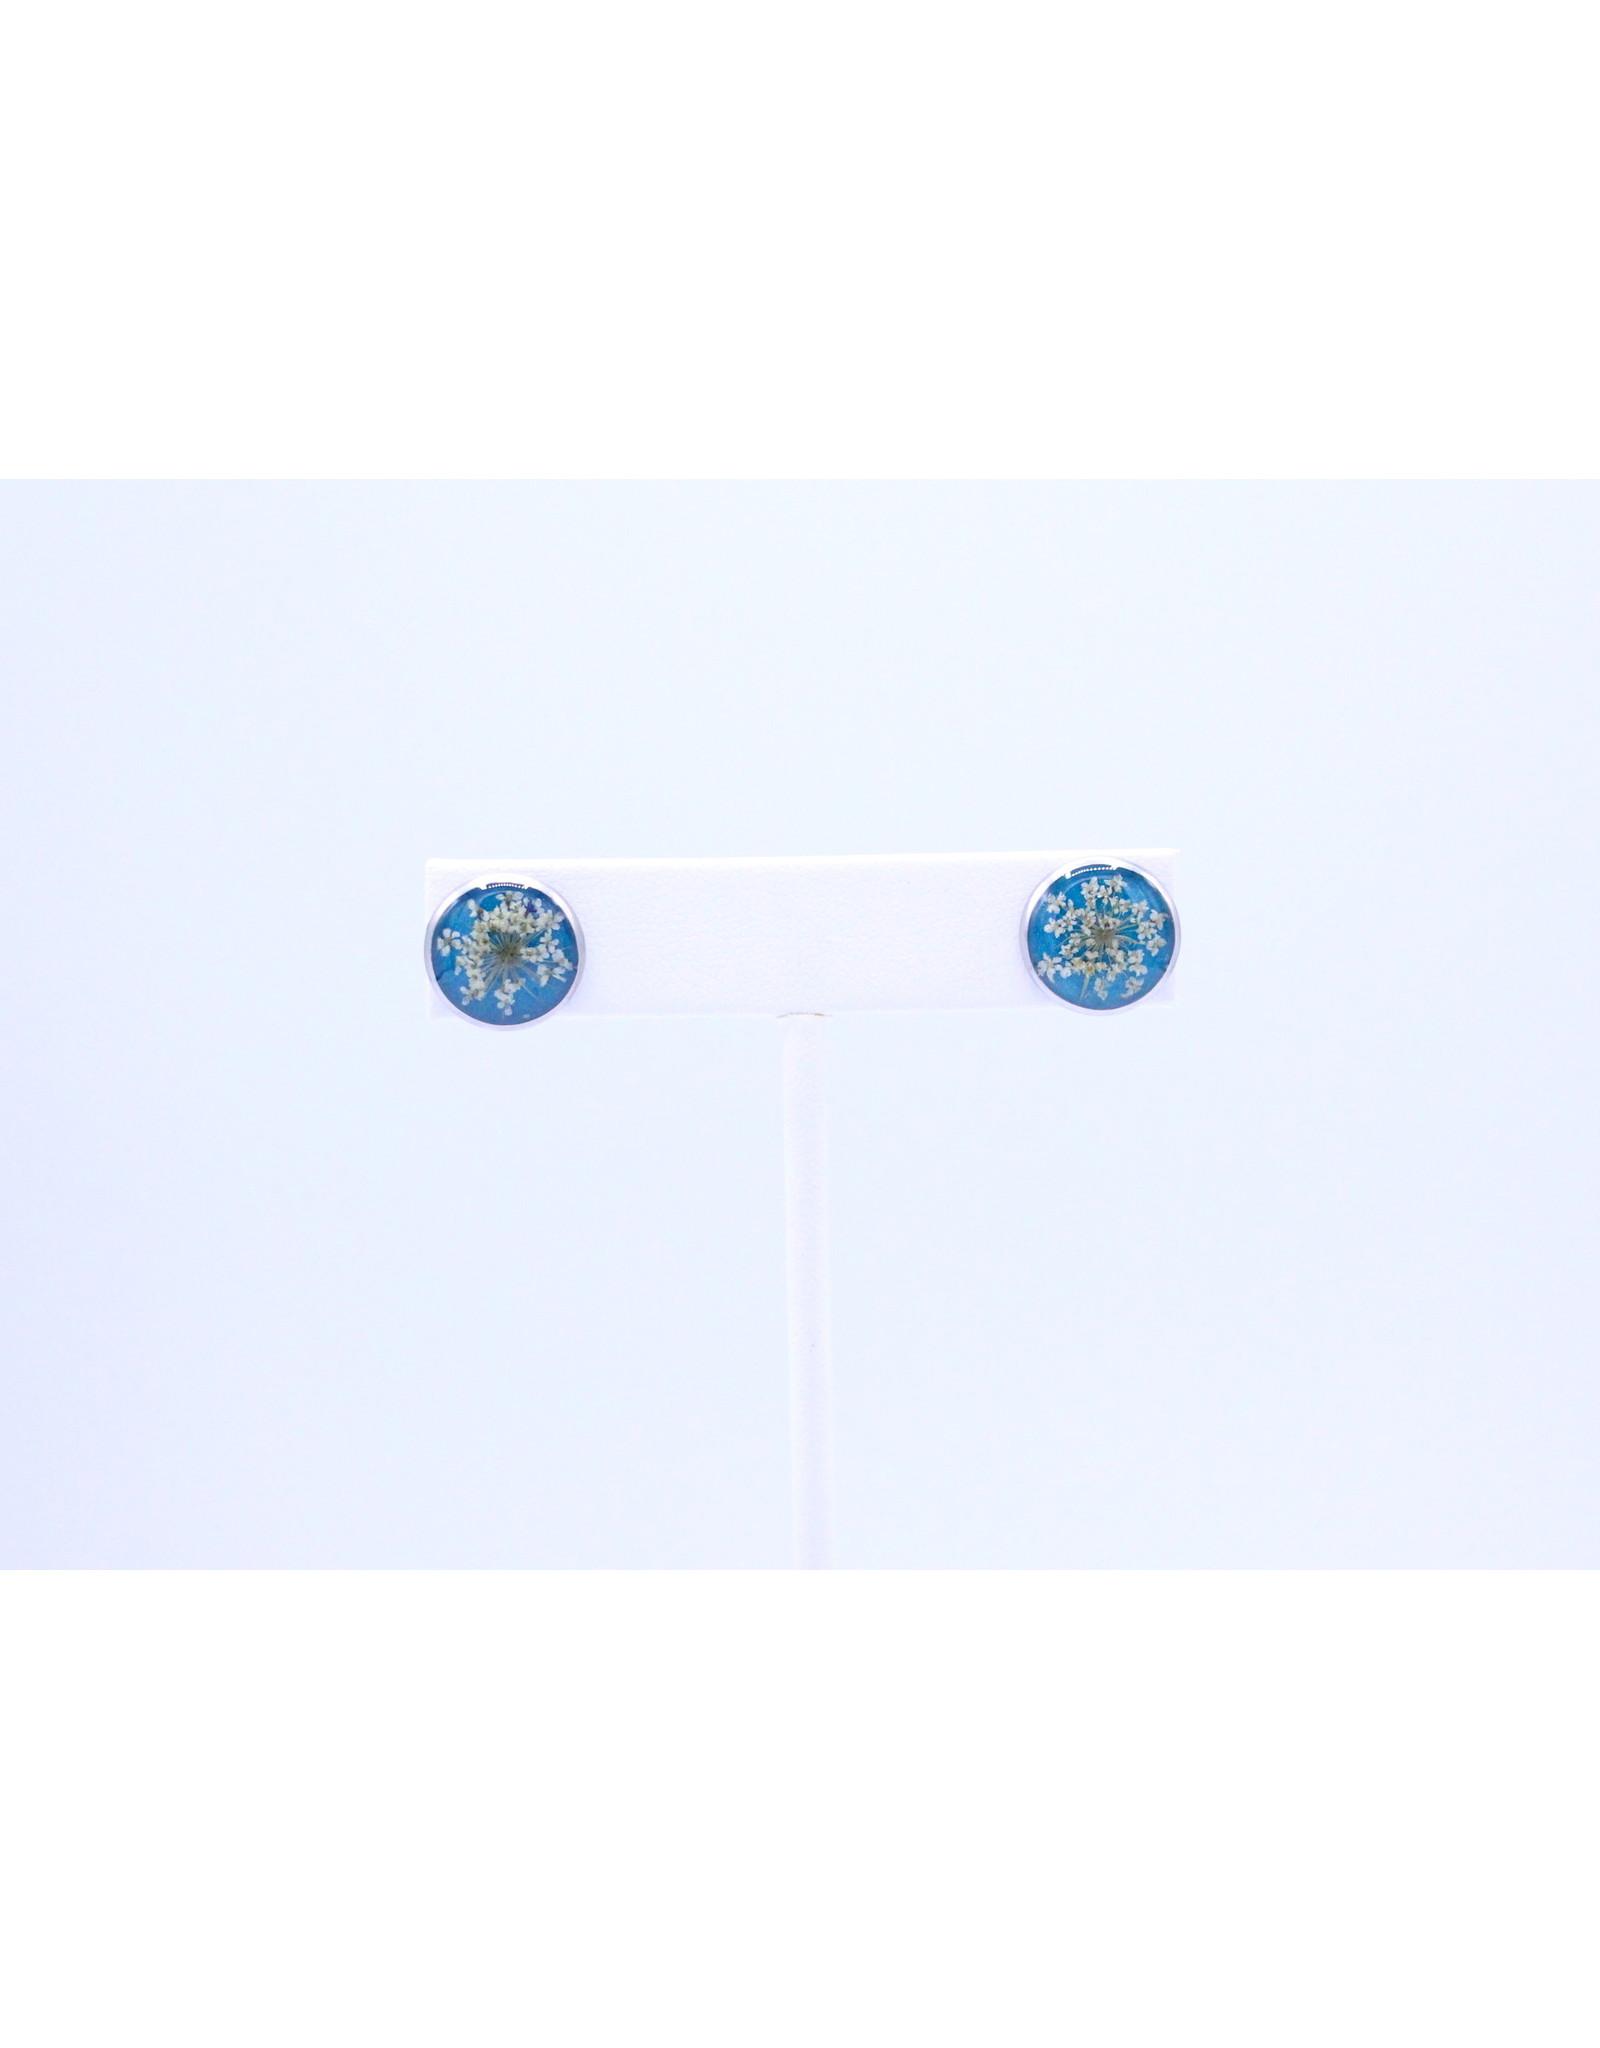 12mm Stud Queen Anne's Lace Earrings Blue - J12SQALB1